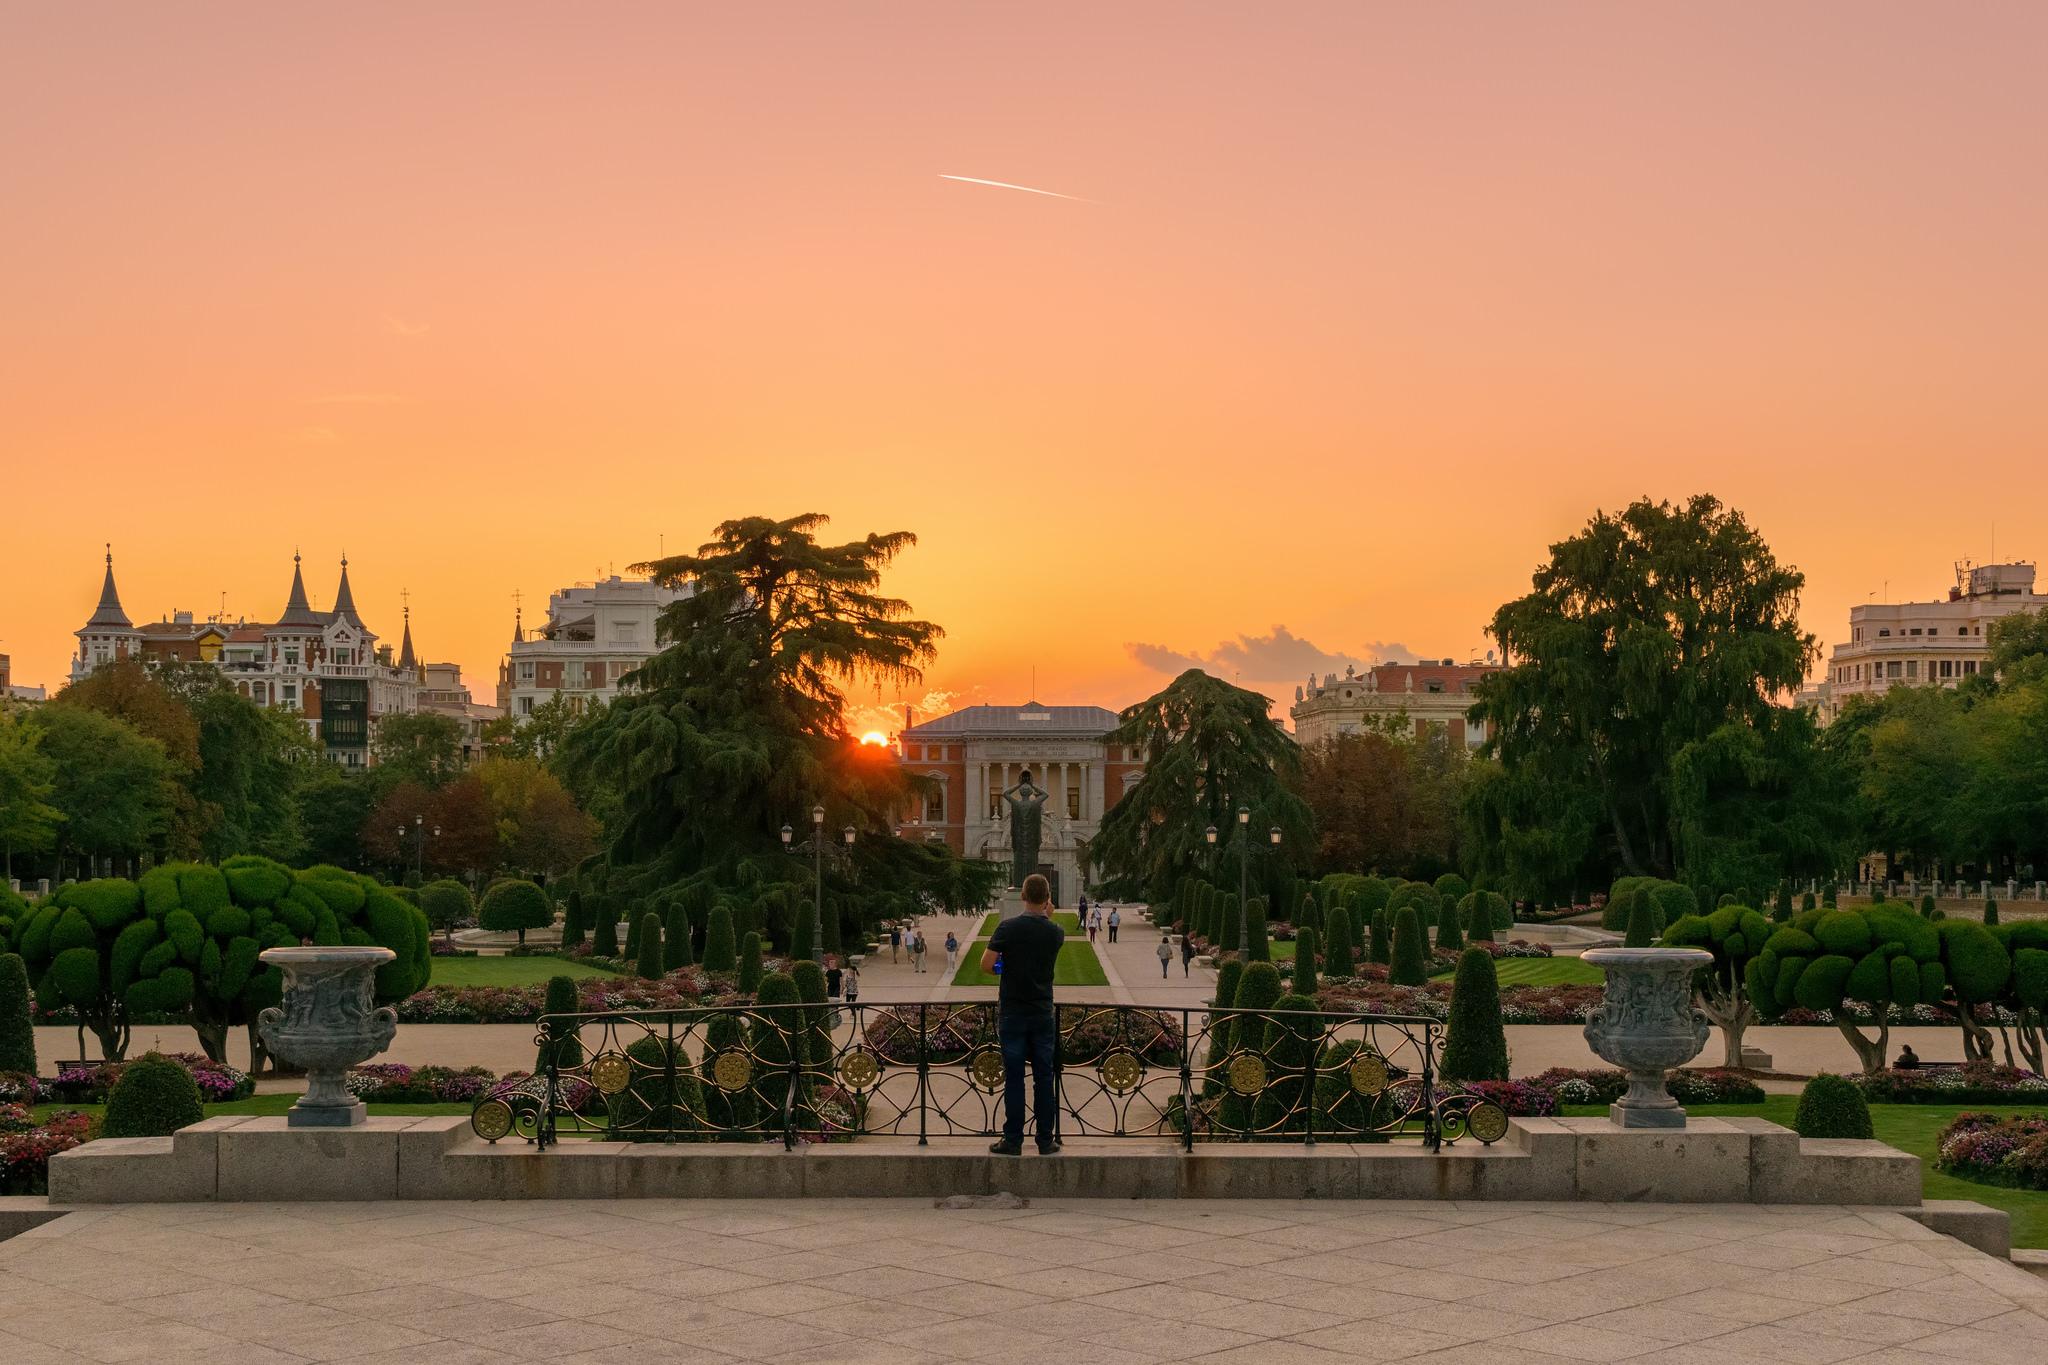 Blog mrw las 5 ciudades m s bonitas de espa a por las que pasa mrw blog mrw - Oficina mrw barcelona ...